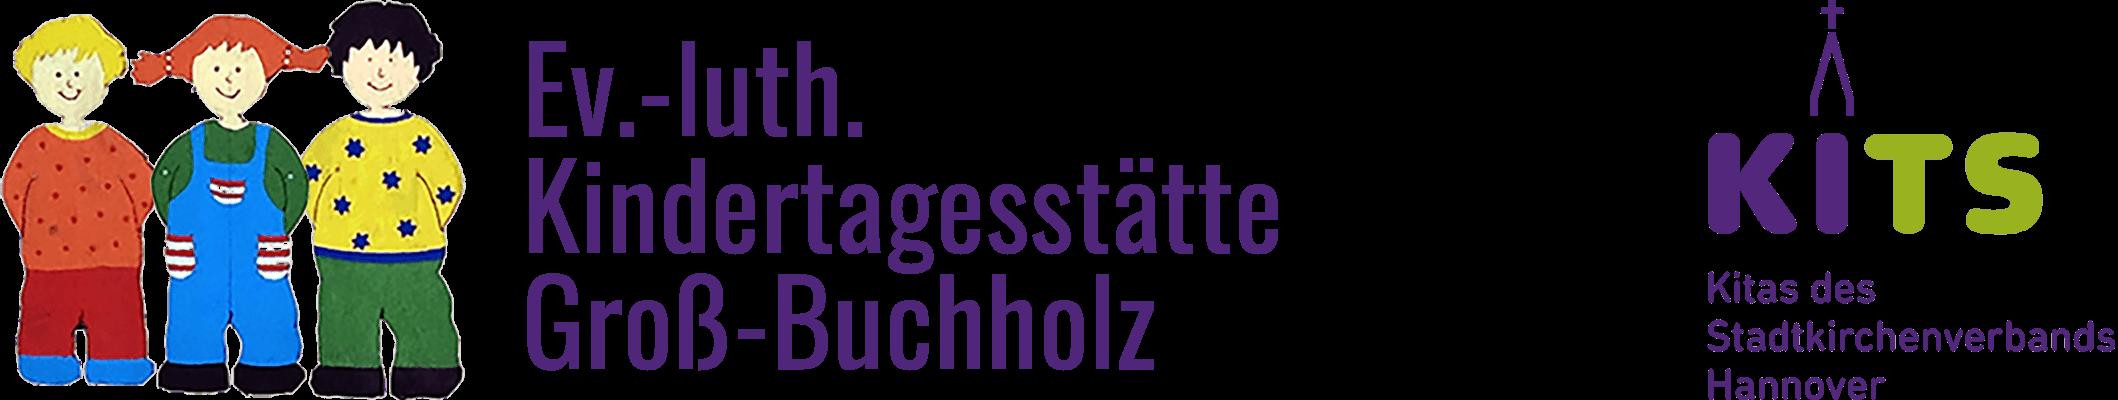 Ev.-luth. Kindertagesstätte Groß-Buchholz